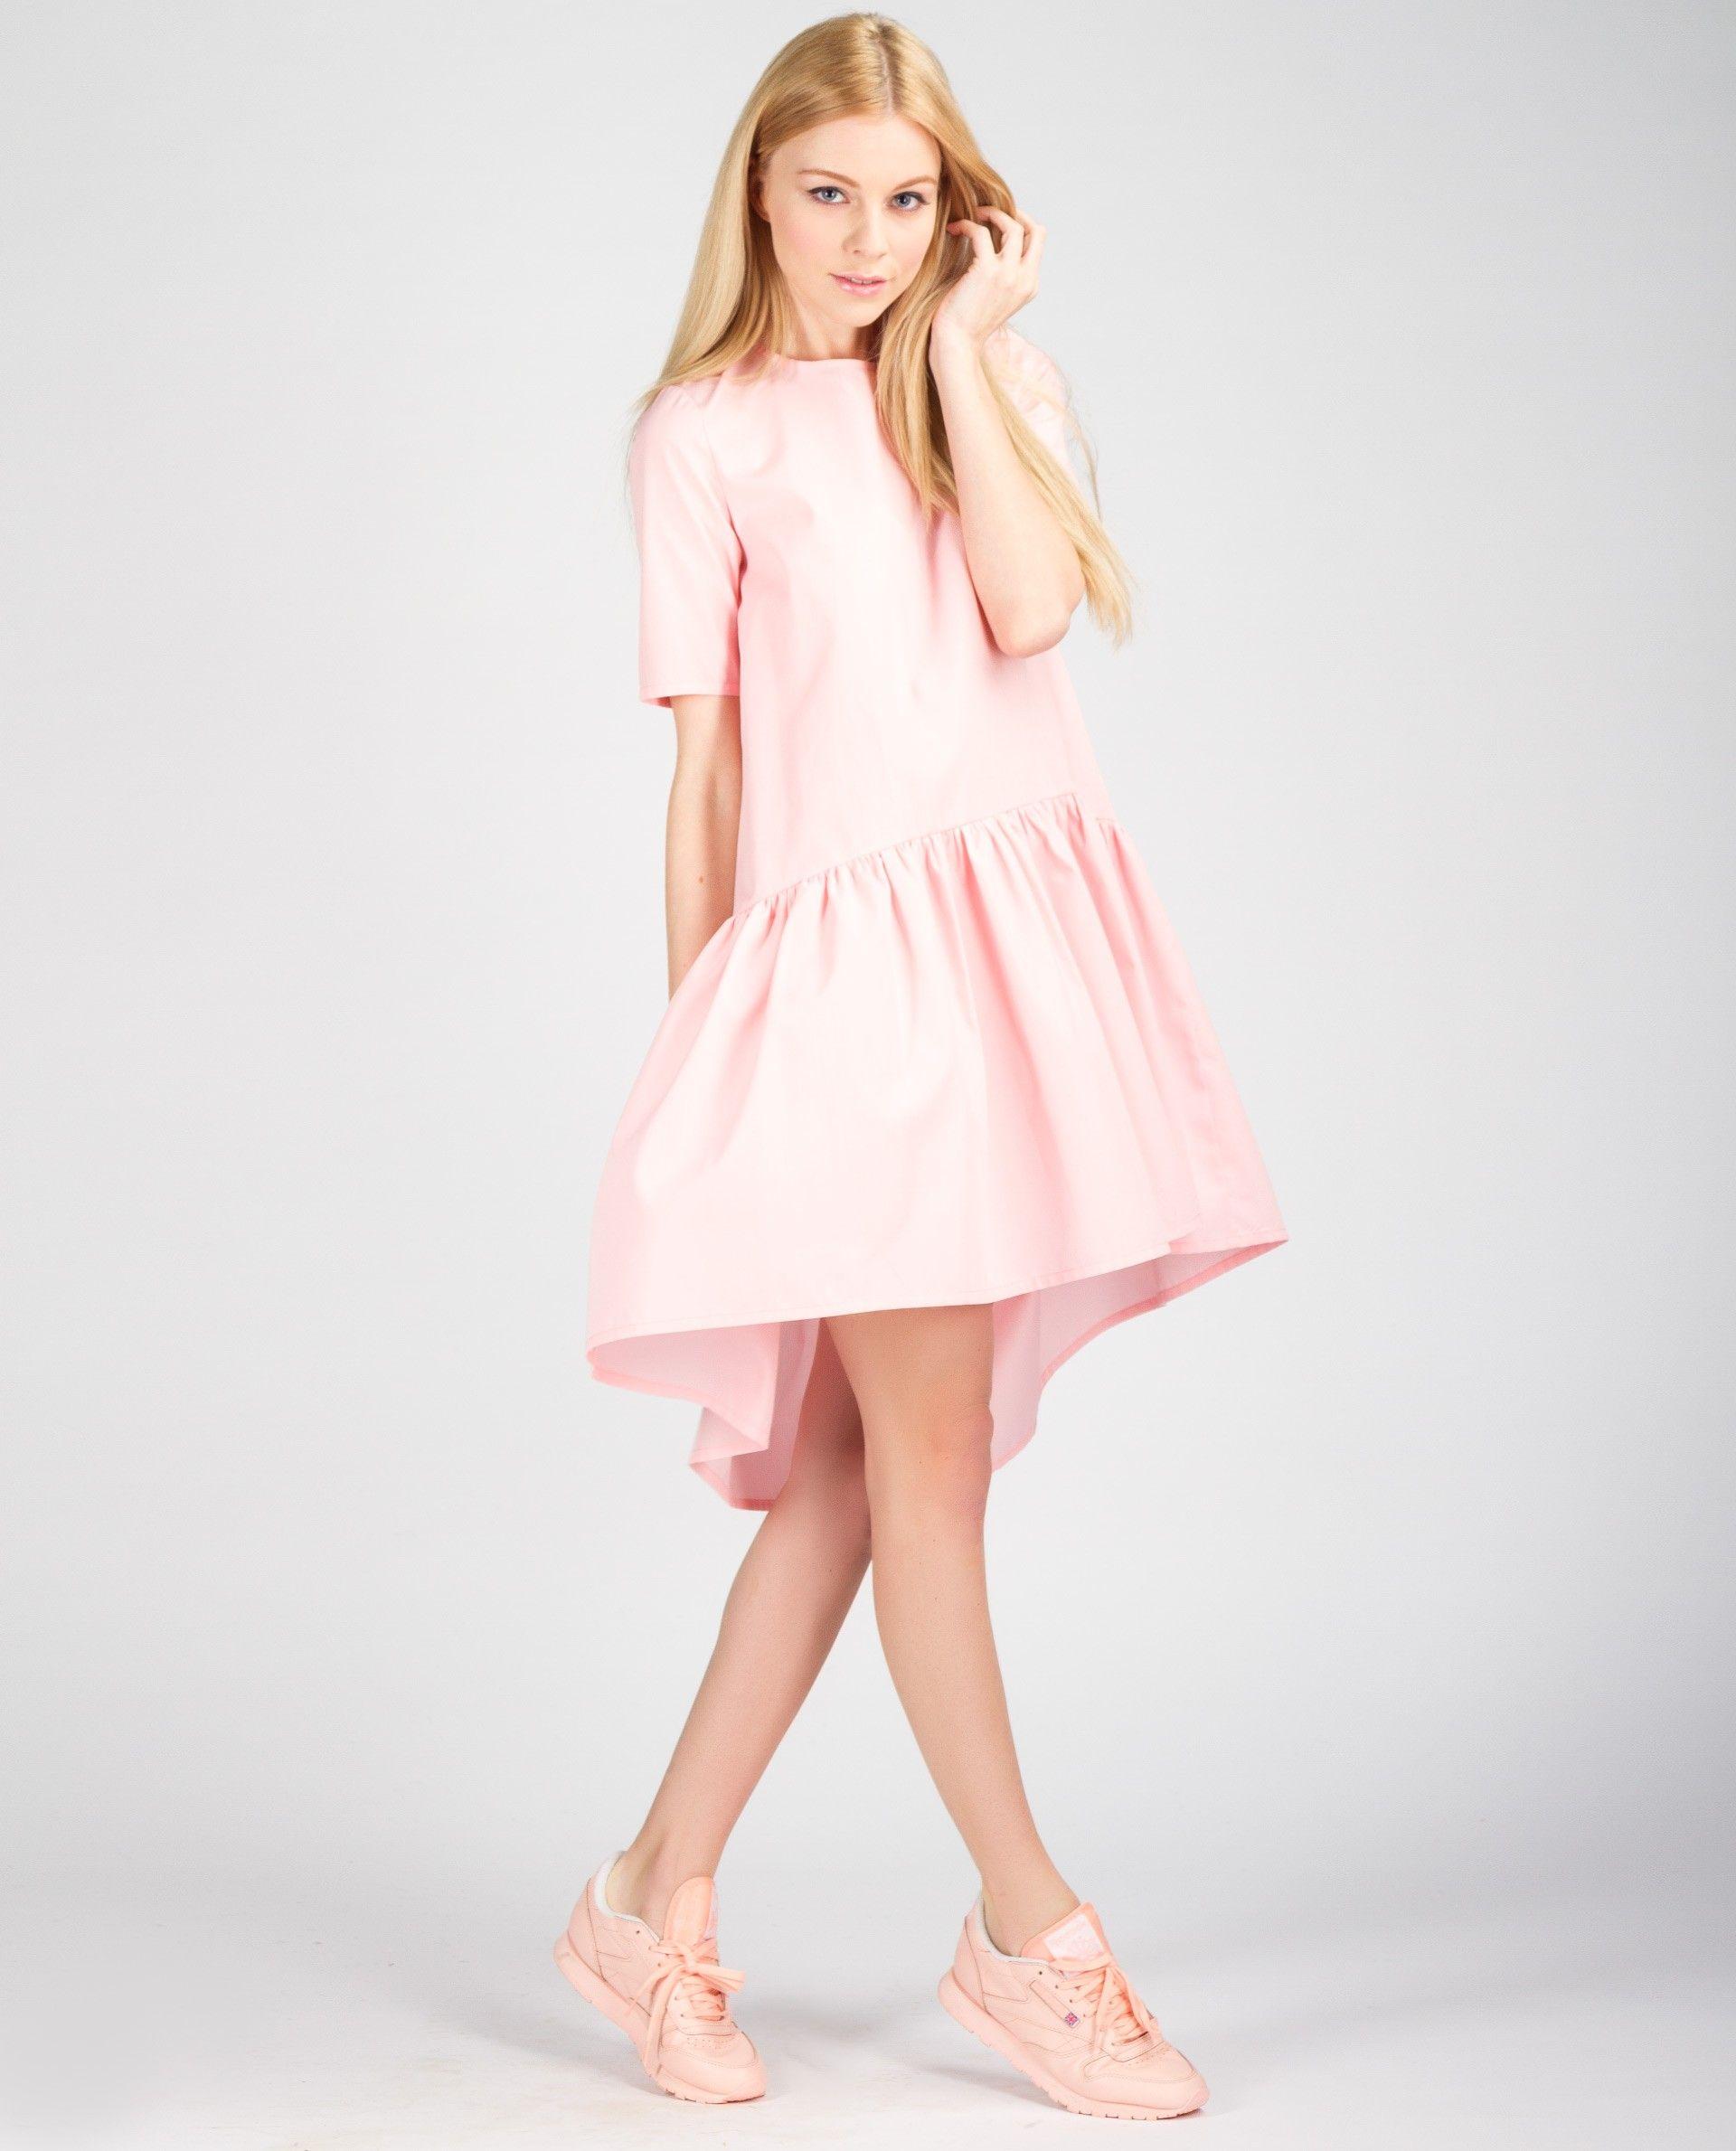 2c1cdbd0cf4 Платье внизу с воланом (80 фото) 2017  с чем носить